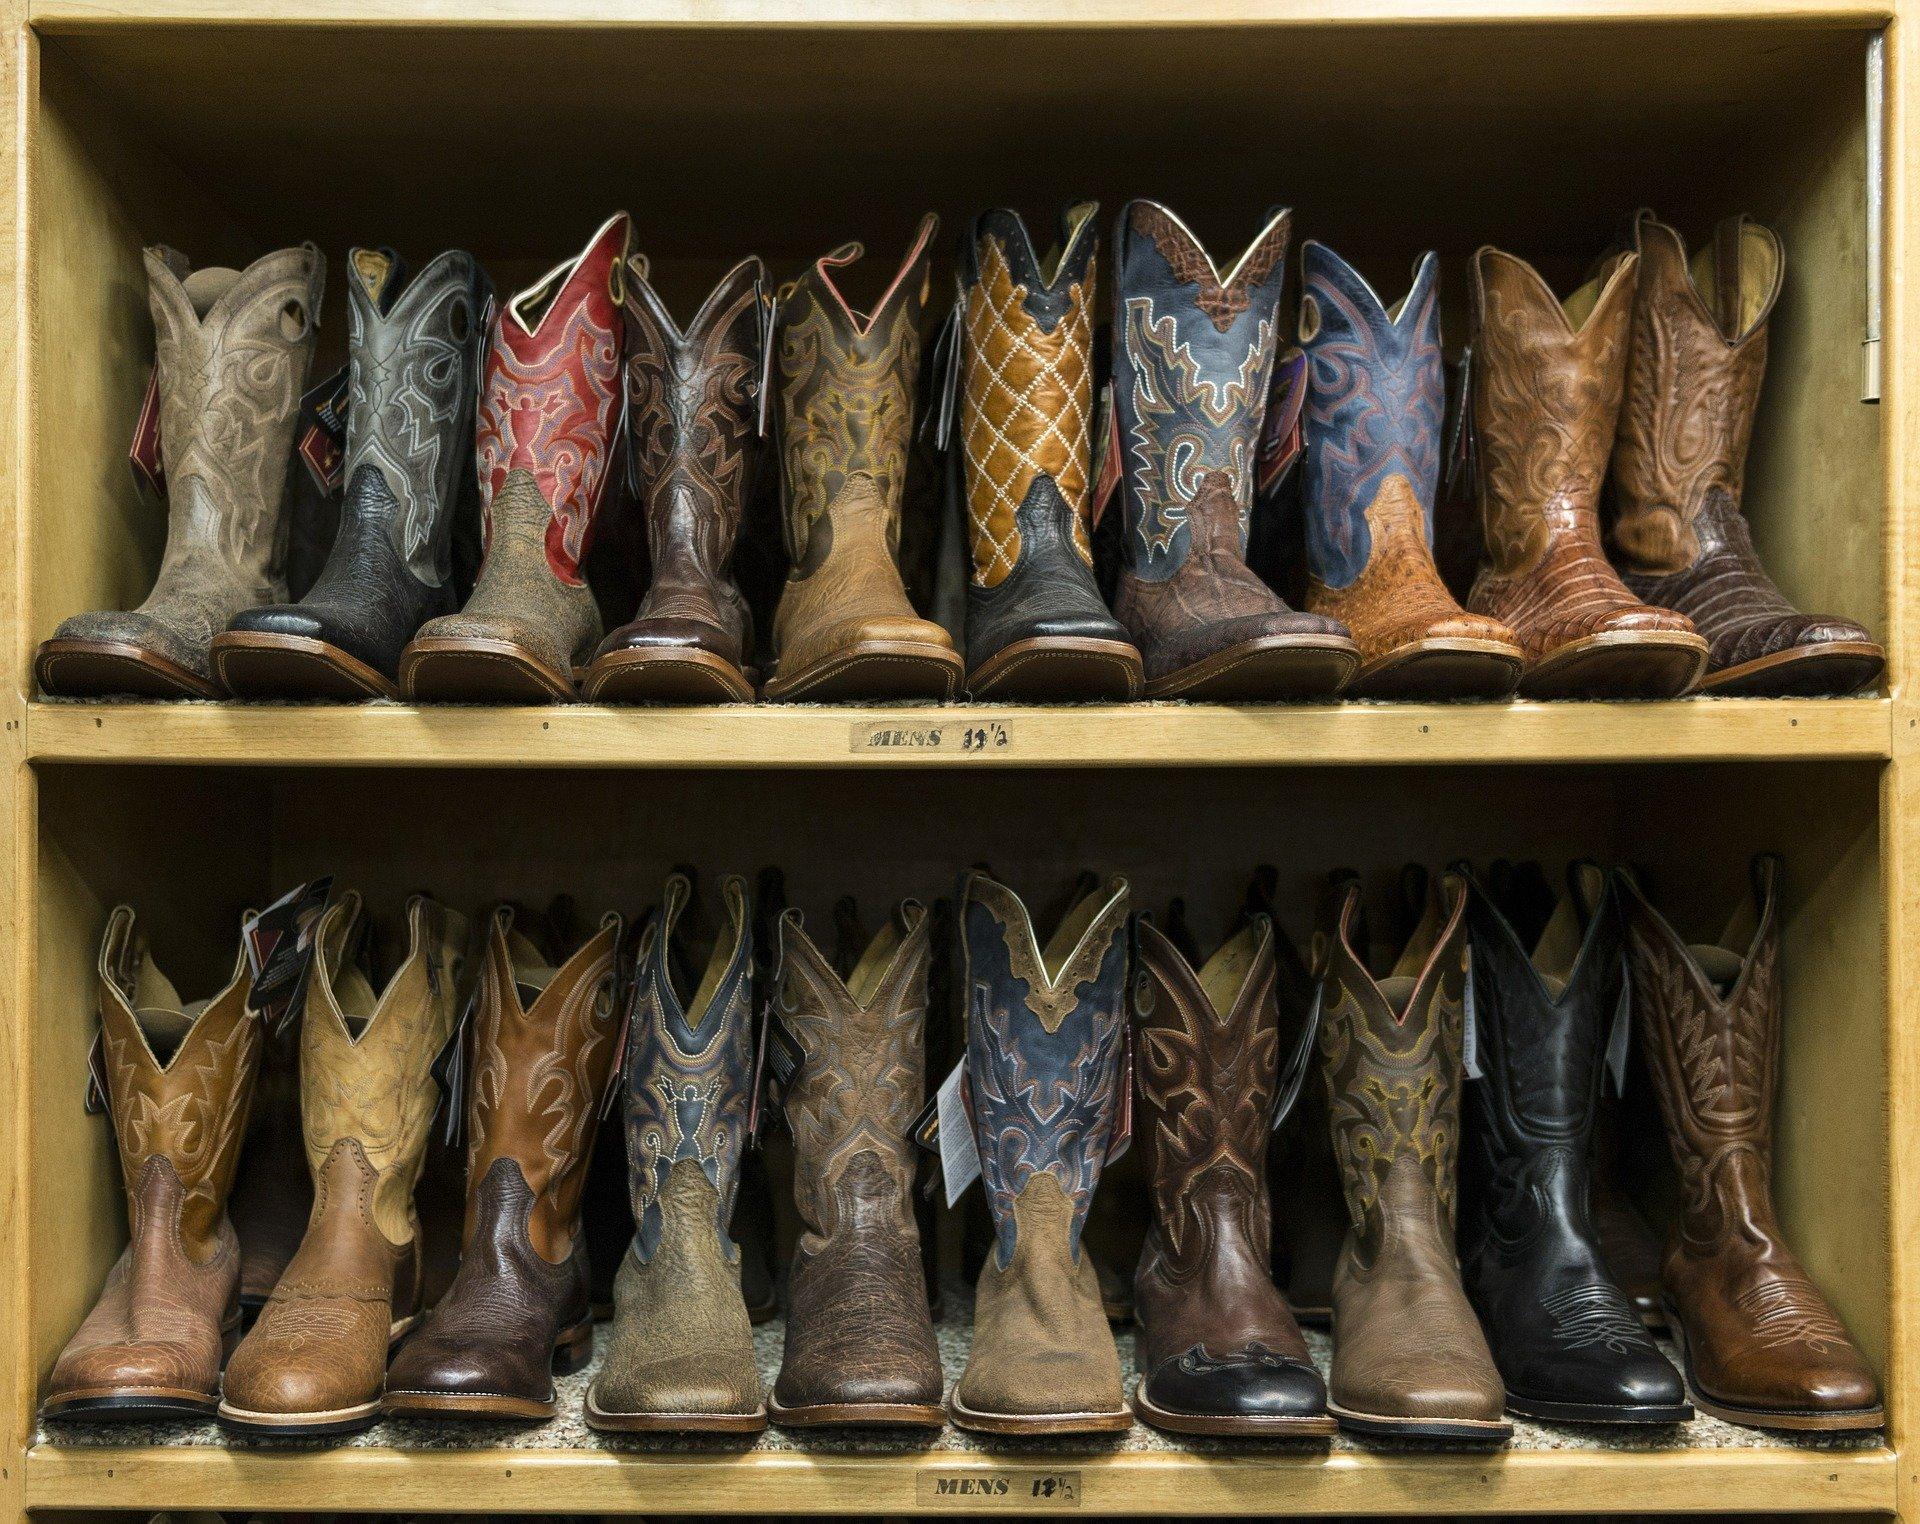 cowboy-boots-553668_1920